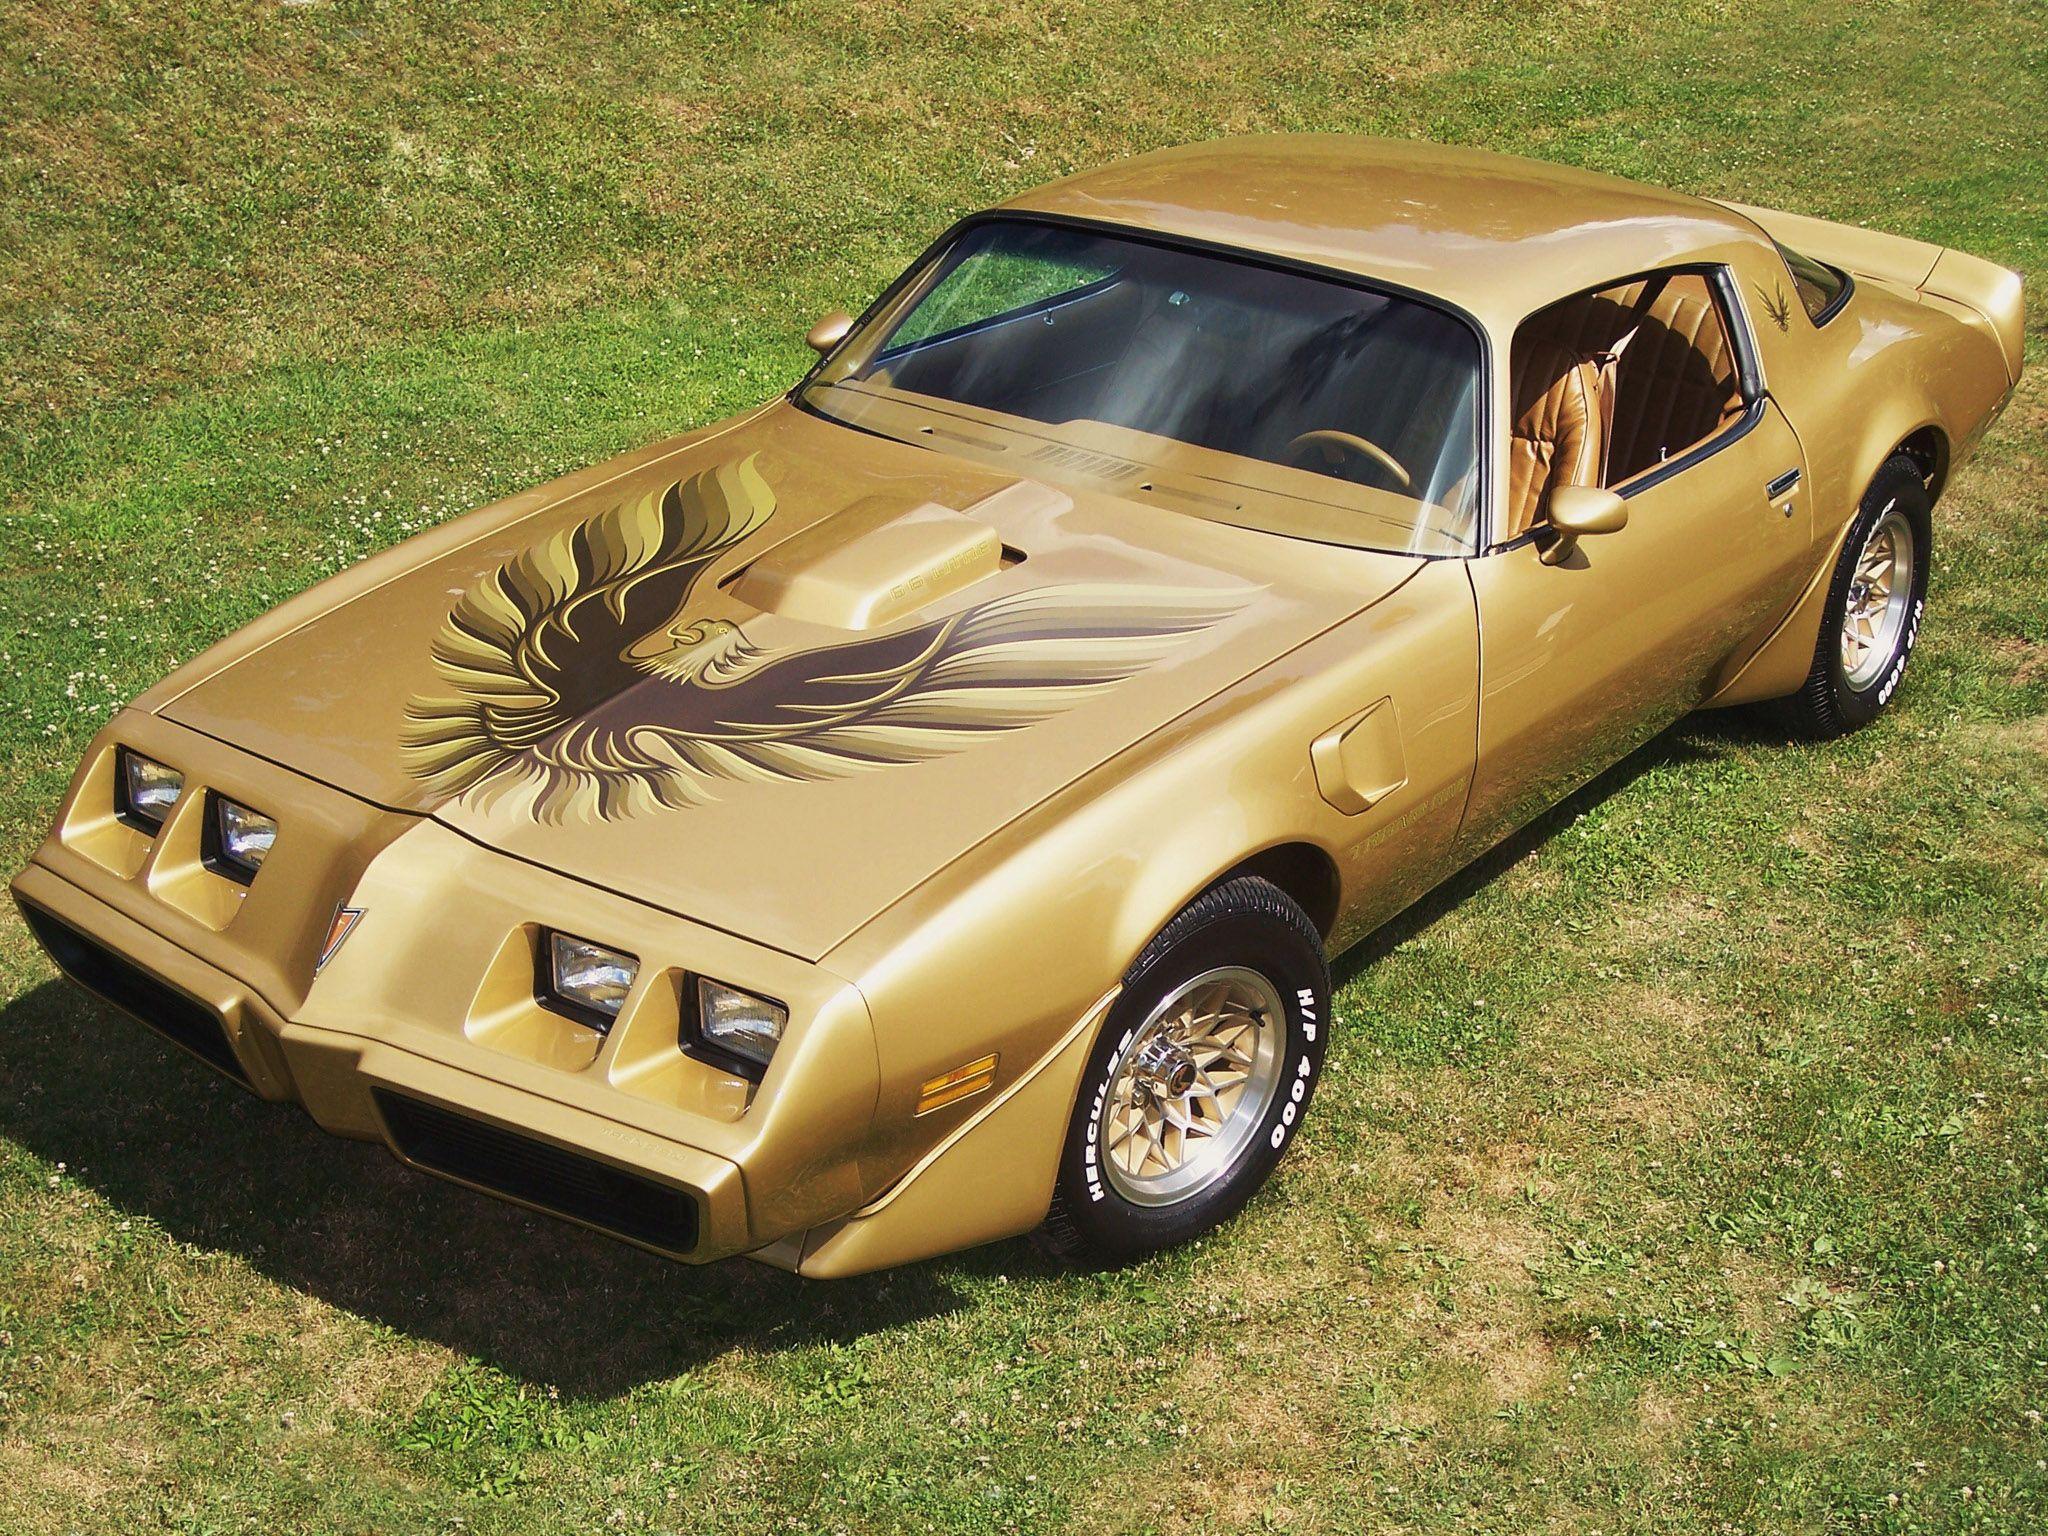 Cars muscle cars pontiac firebird trans am wallpaper background ...